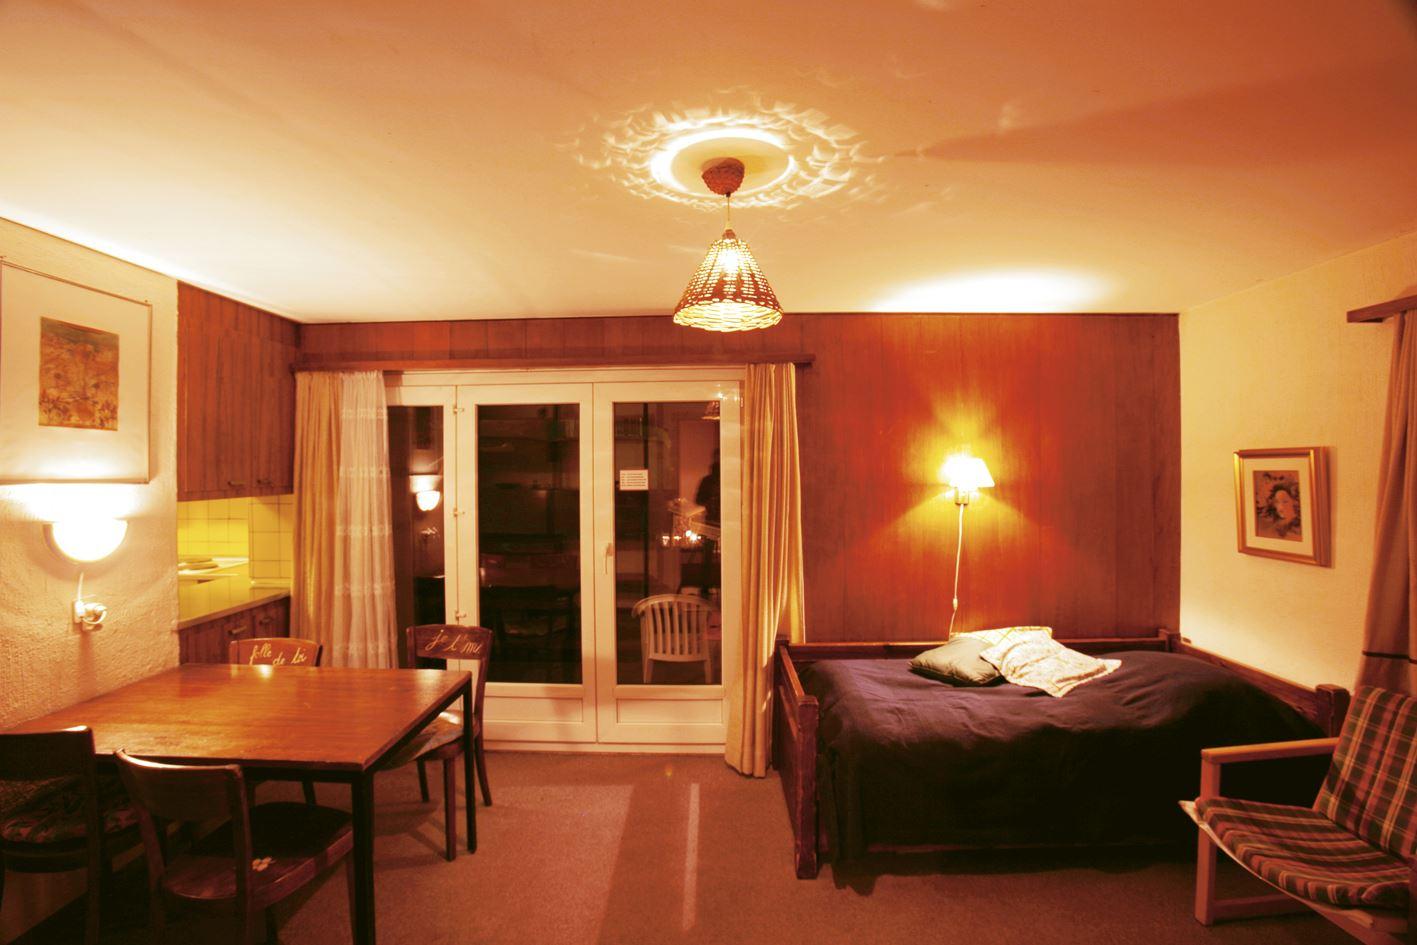 Lägenhet för upp till 2-4 personer med 1-3 rum på Pado - Verbier